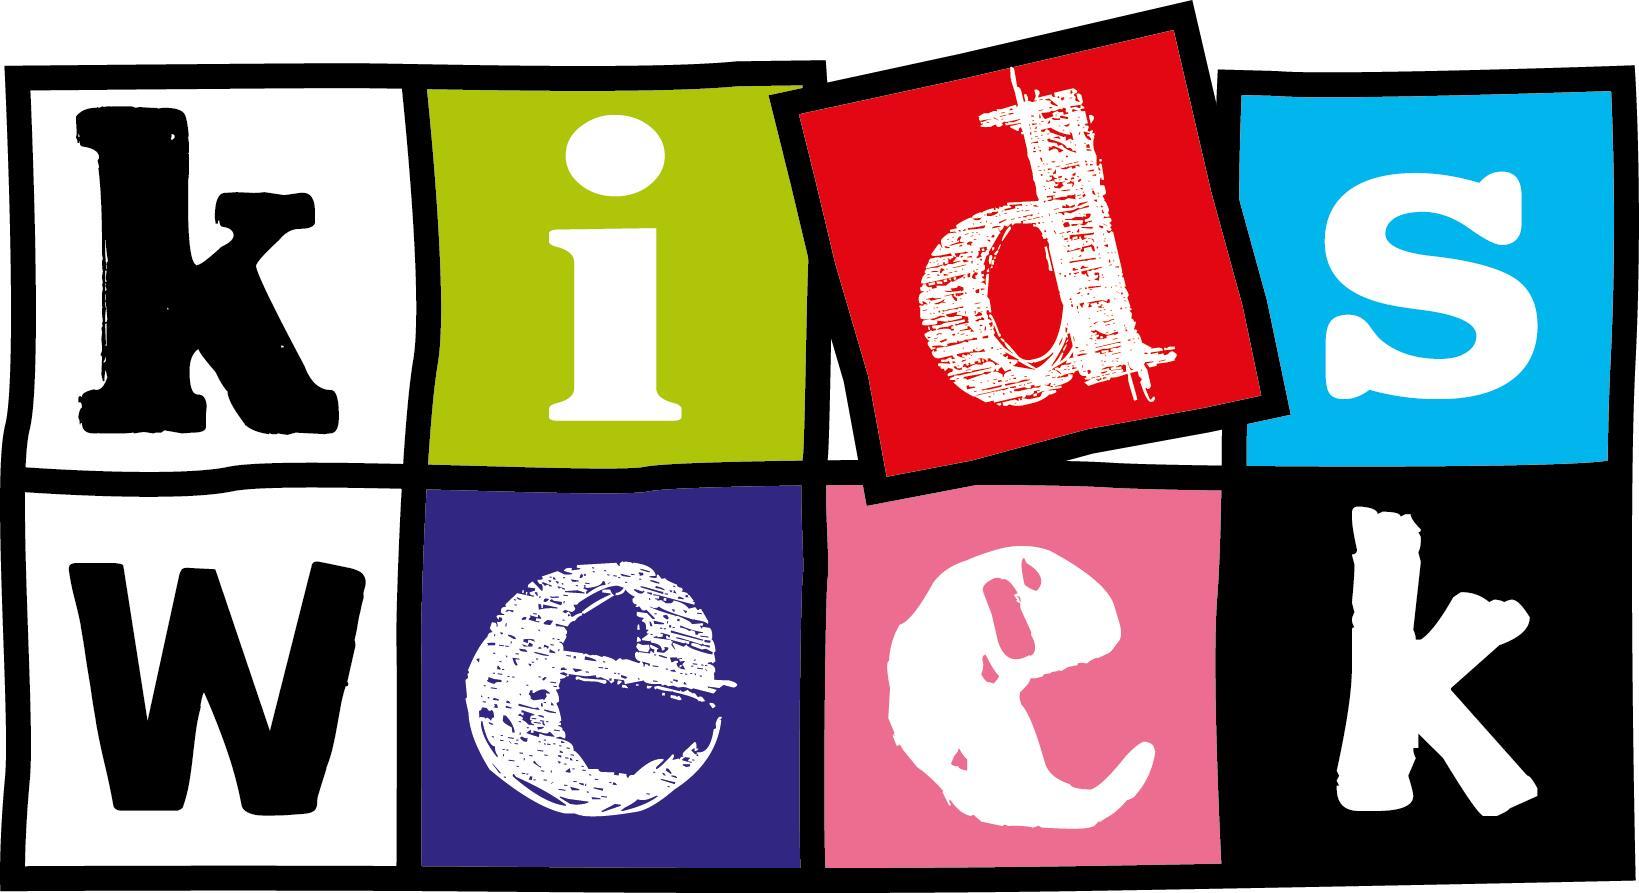 Jubileum editie voor vijftienjarig bestaan KIDSWEEK, Hans van der klis, MediaFacts